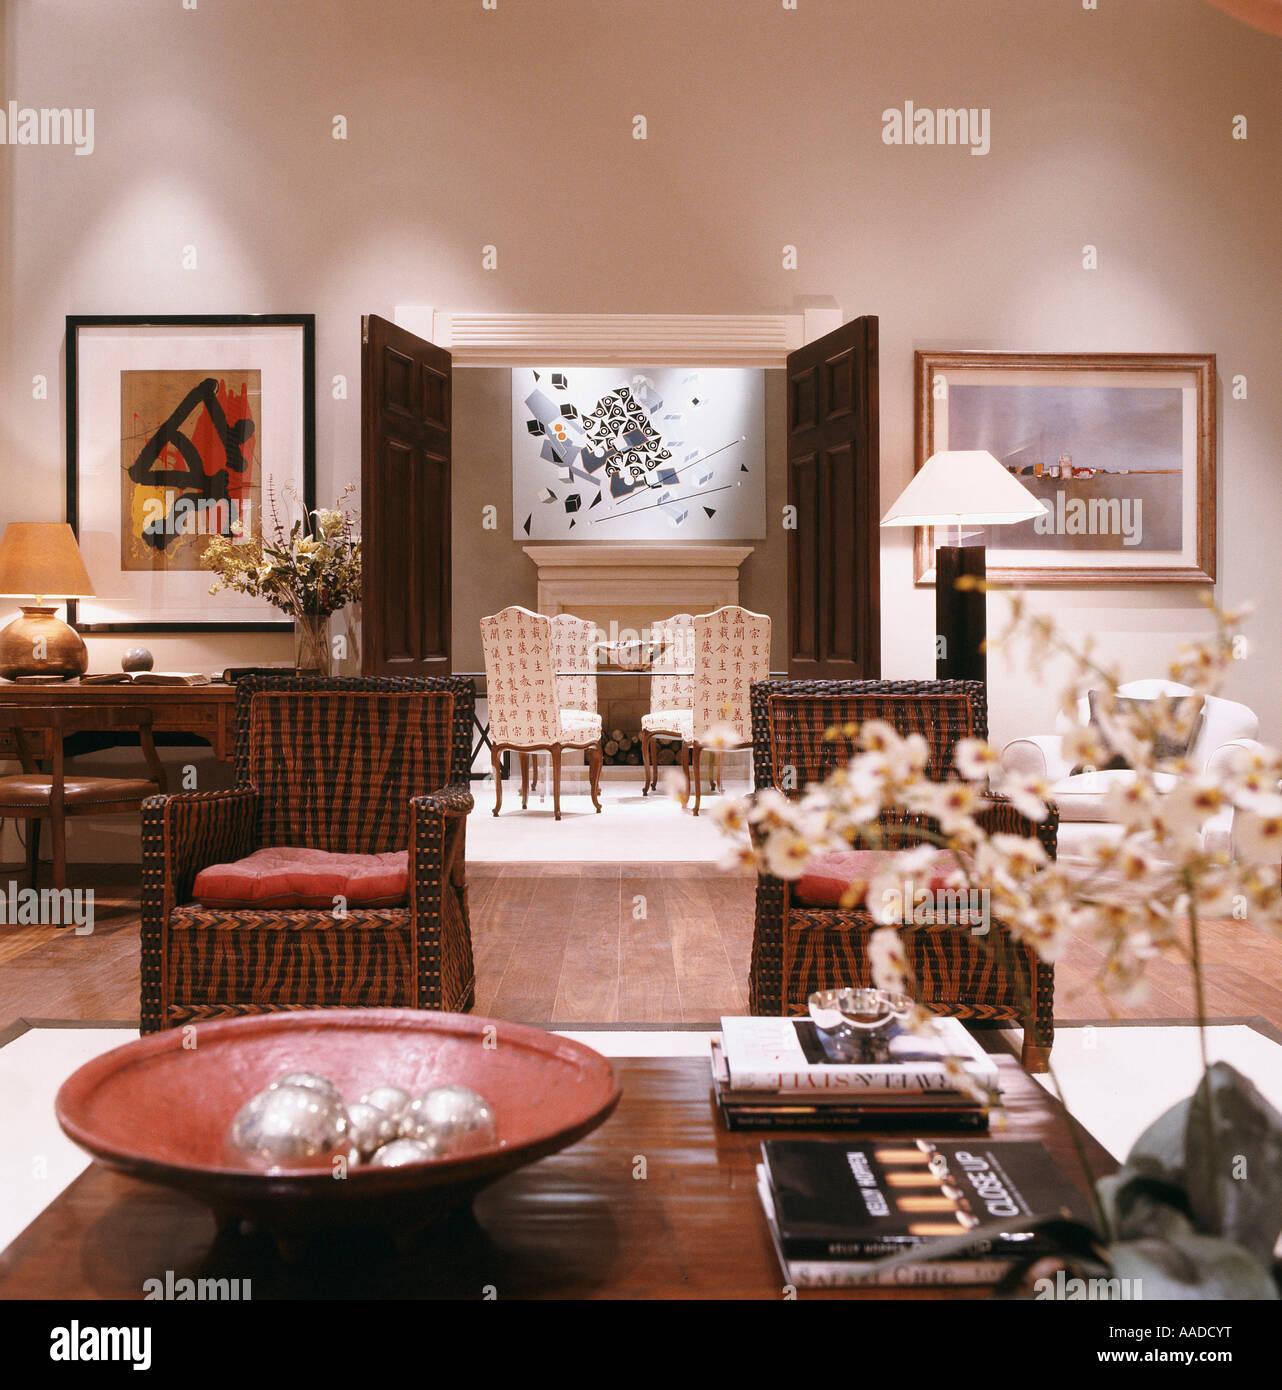 Passende Stühle und Tisch mit Ornamenten, Blick durch Doppeltüren Stockbild